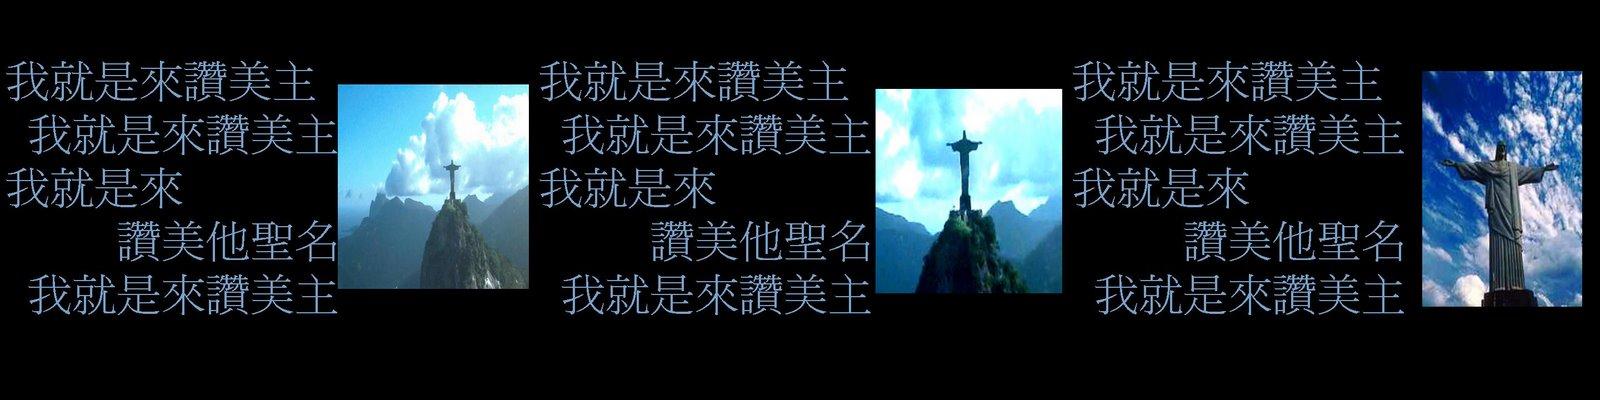 [Slide1.JPG]